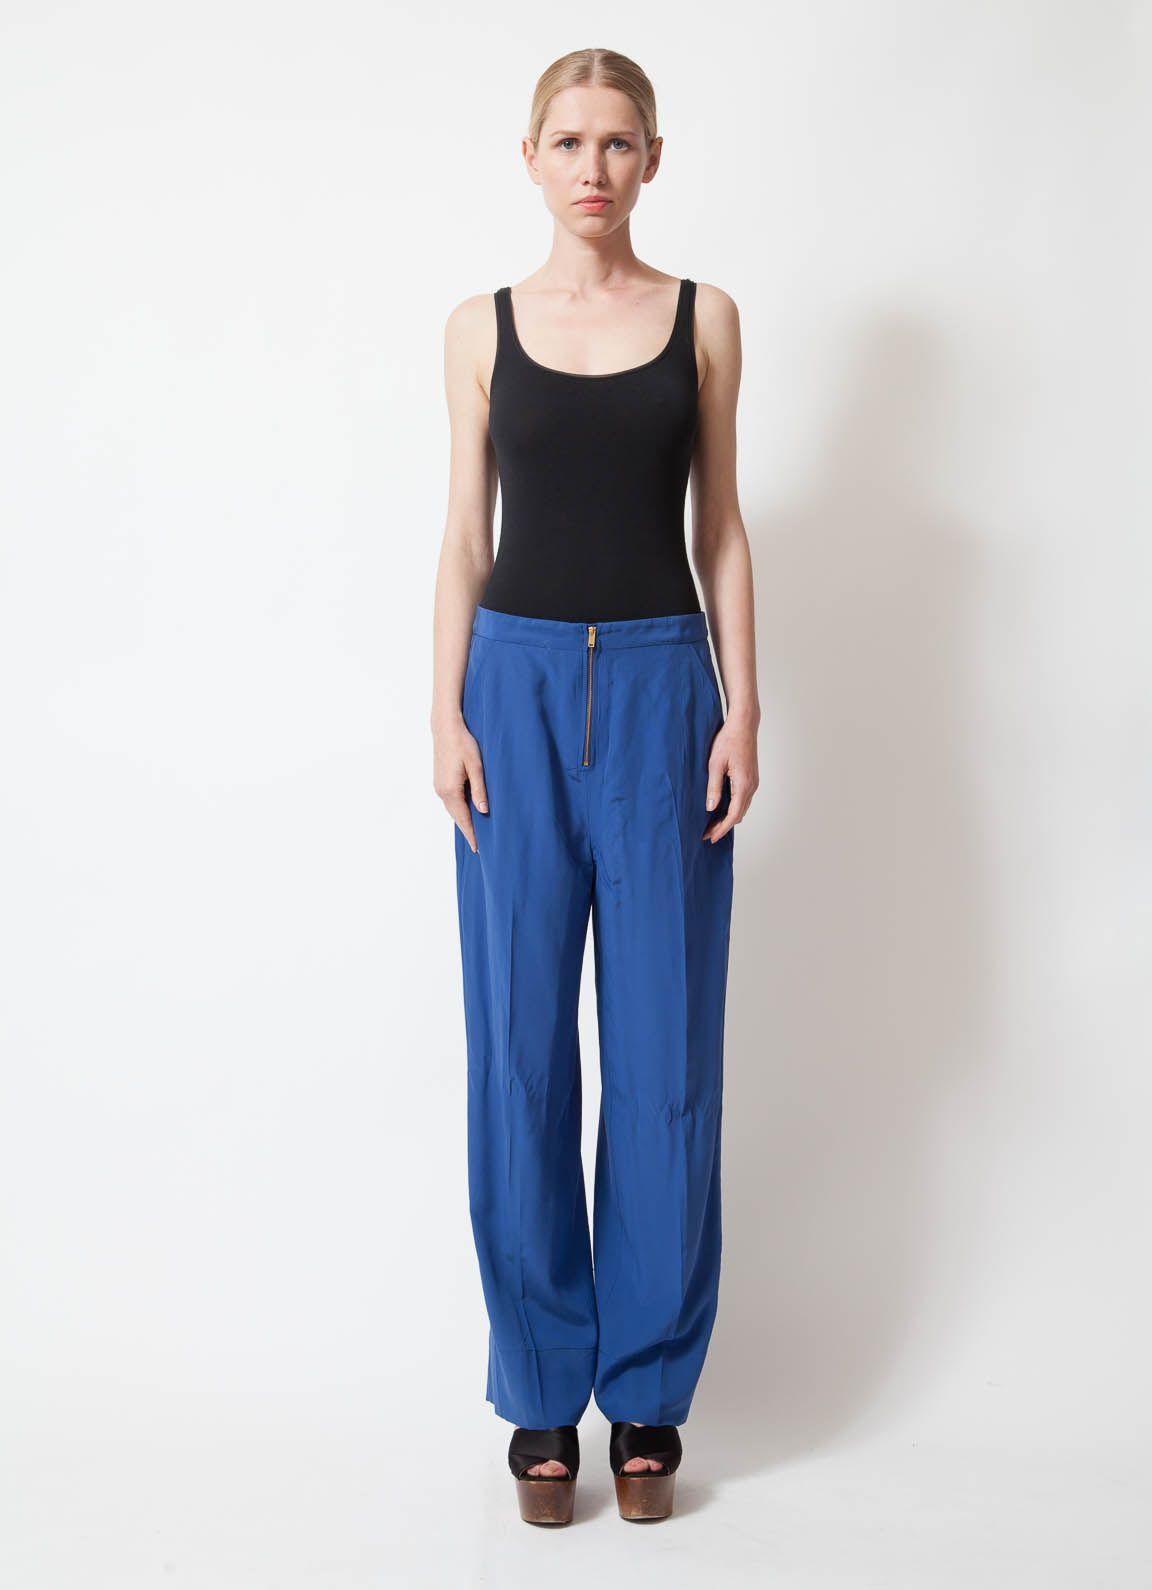 Céline | Resort 2012 Pants | RESEE